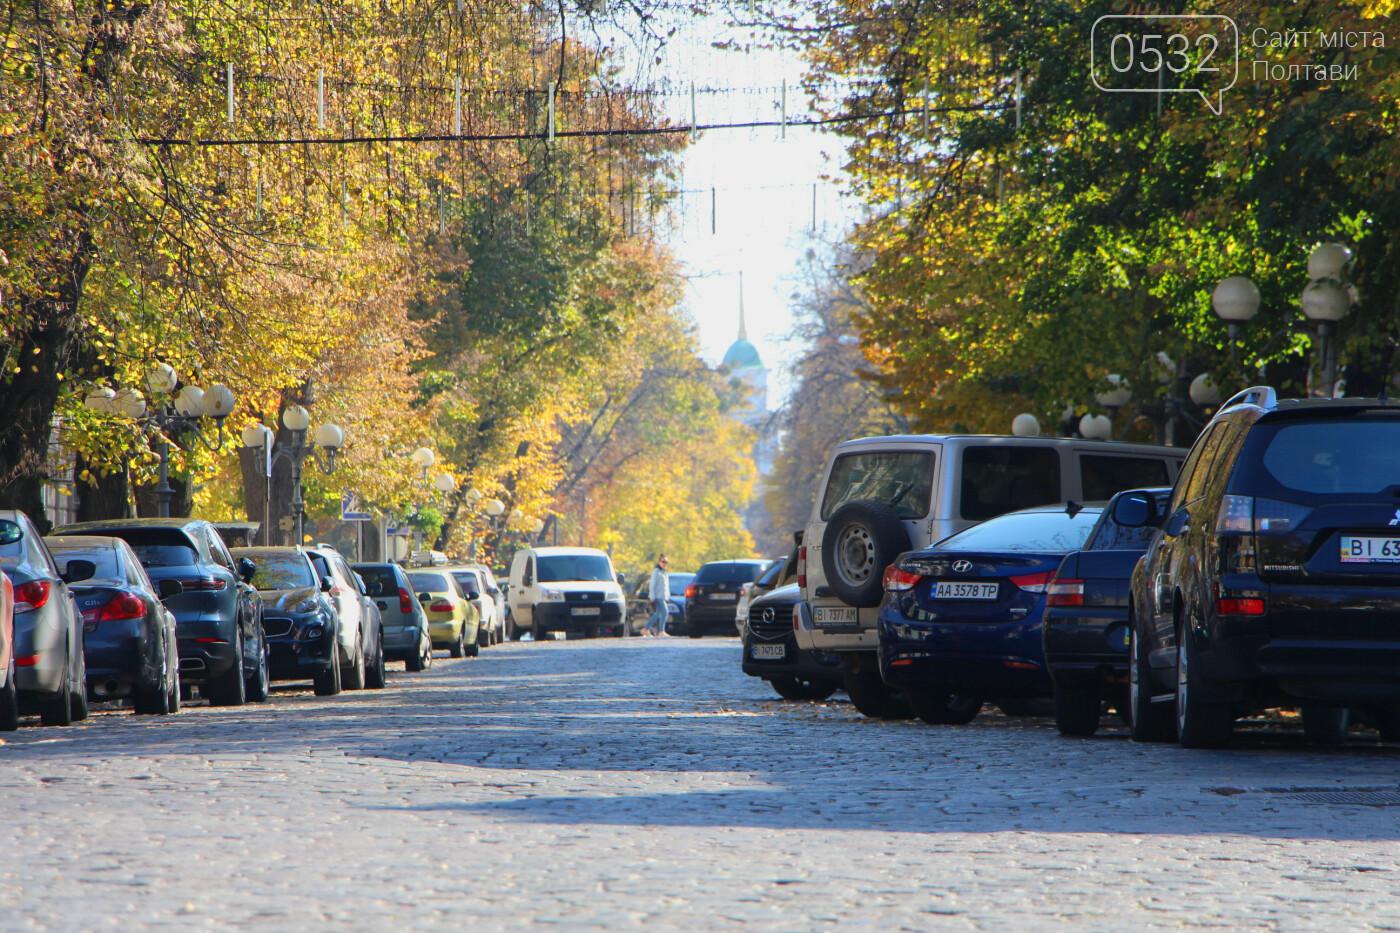 Осіння прогулянка вулицями Полтави (ФОТОРЕПОРТАЖ), фото-22